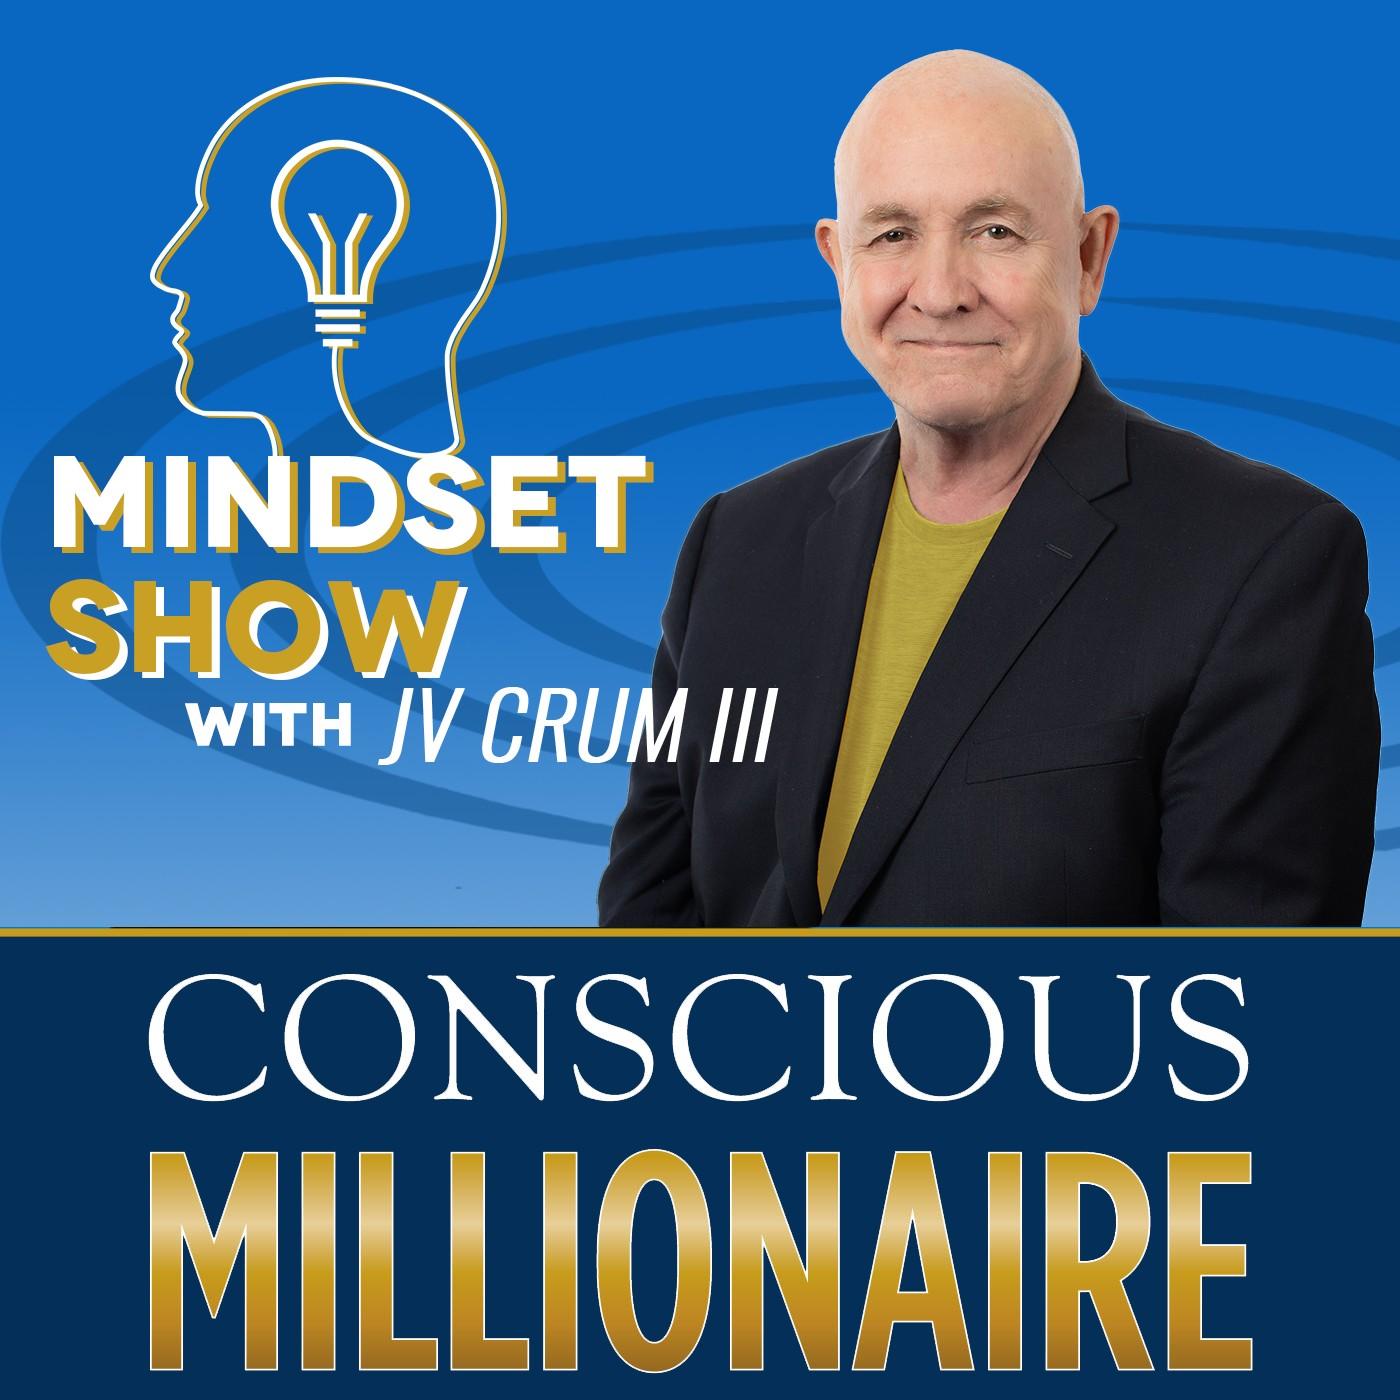 Conscious Millionaire Mindset show art